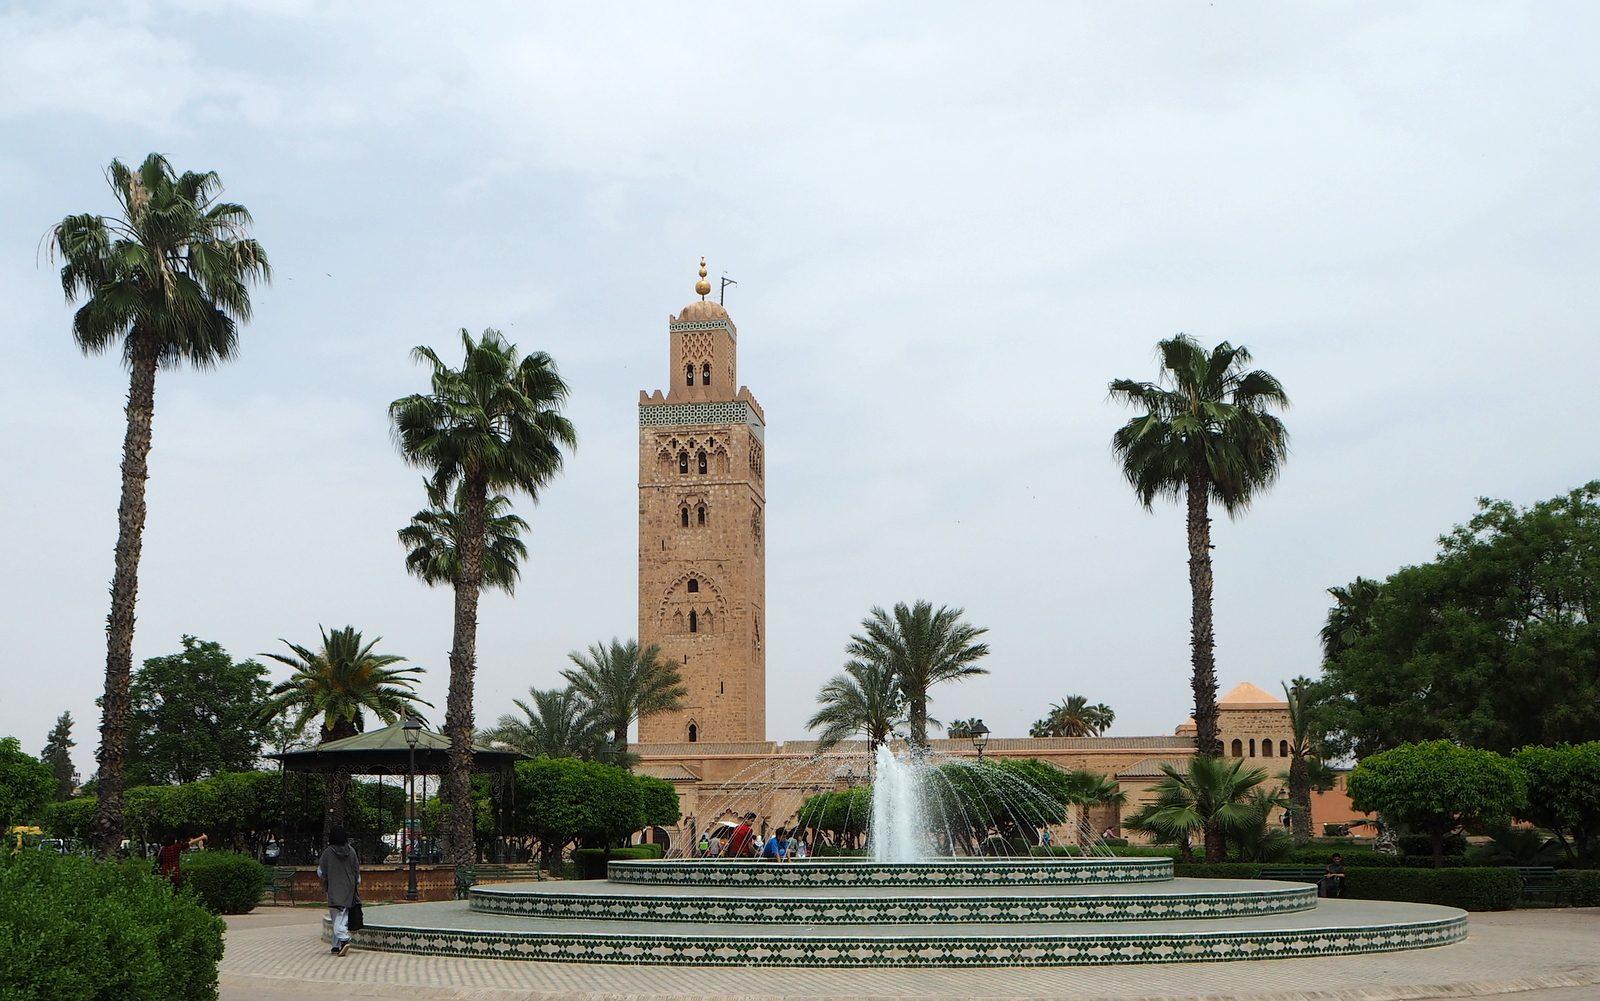 Marrakesh medina Koutobia